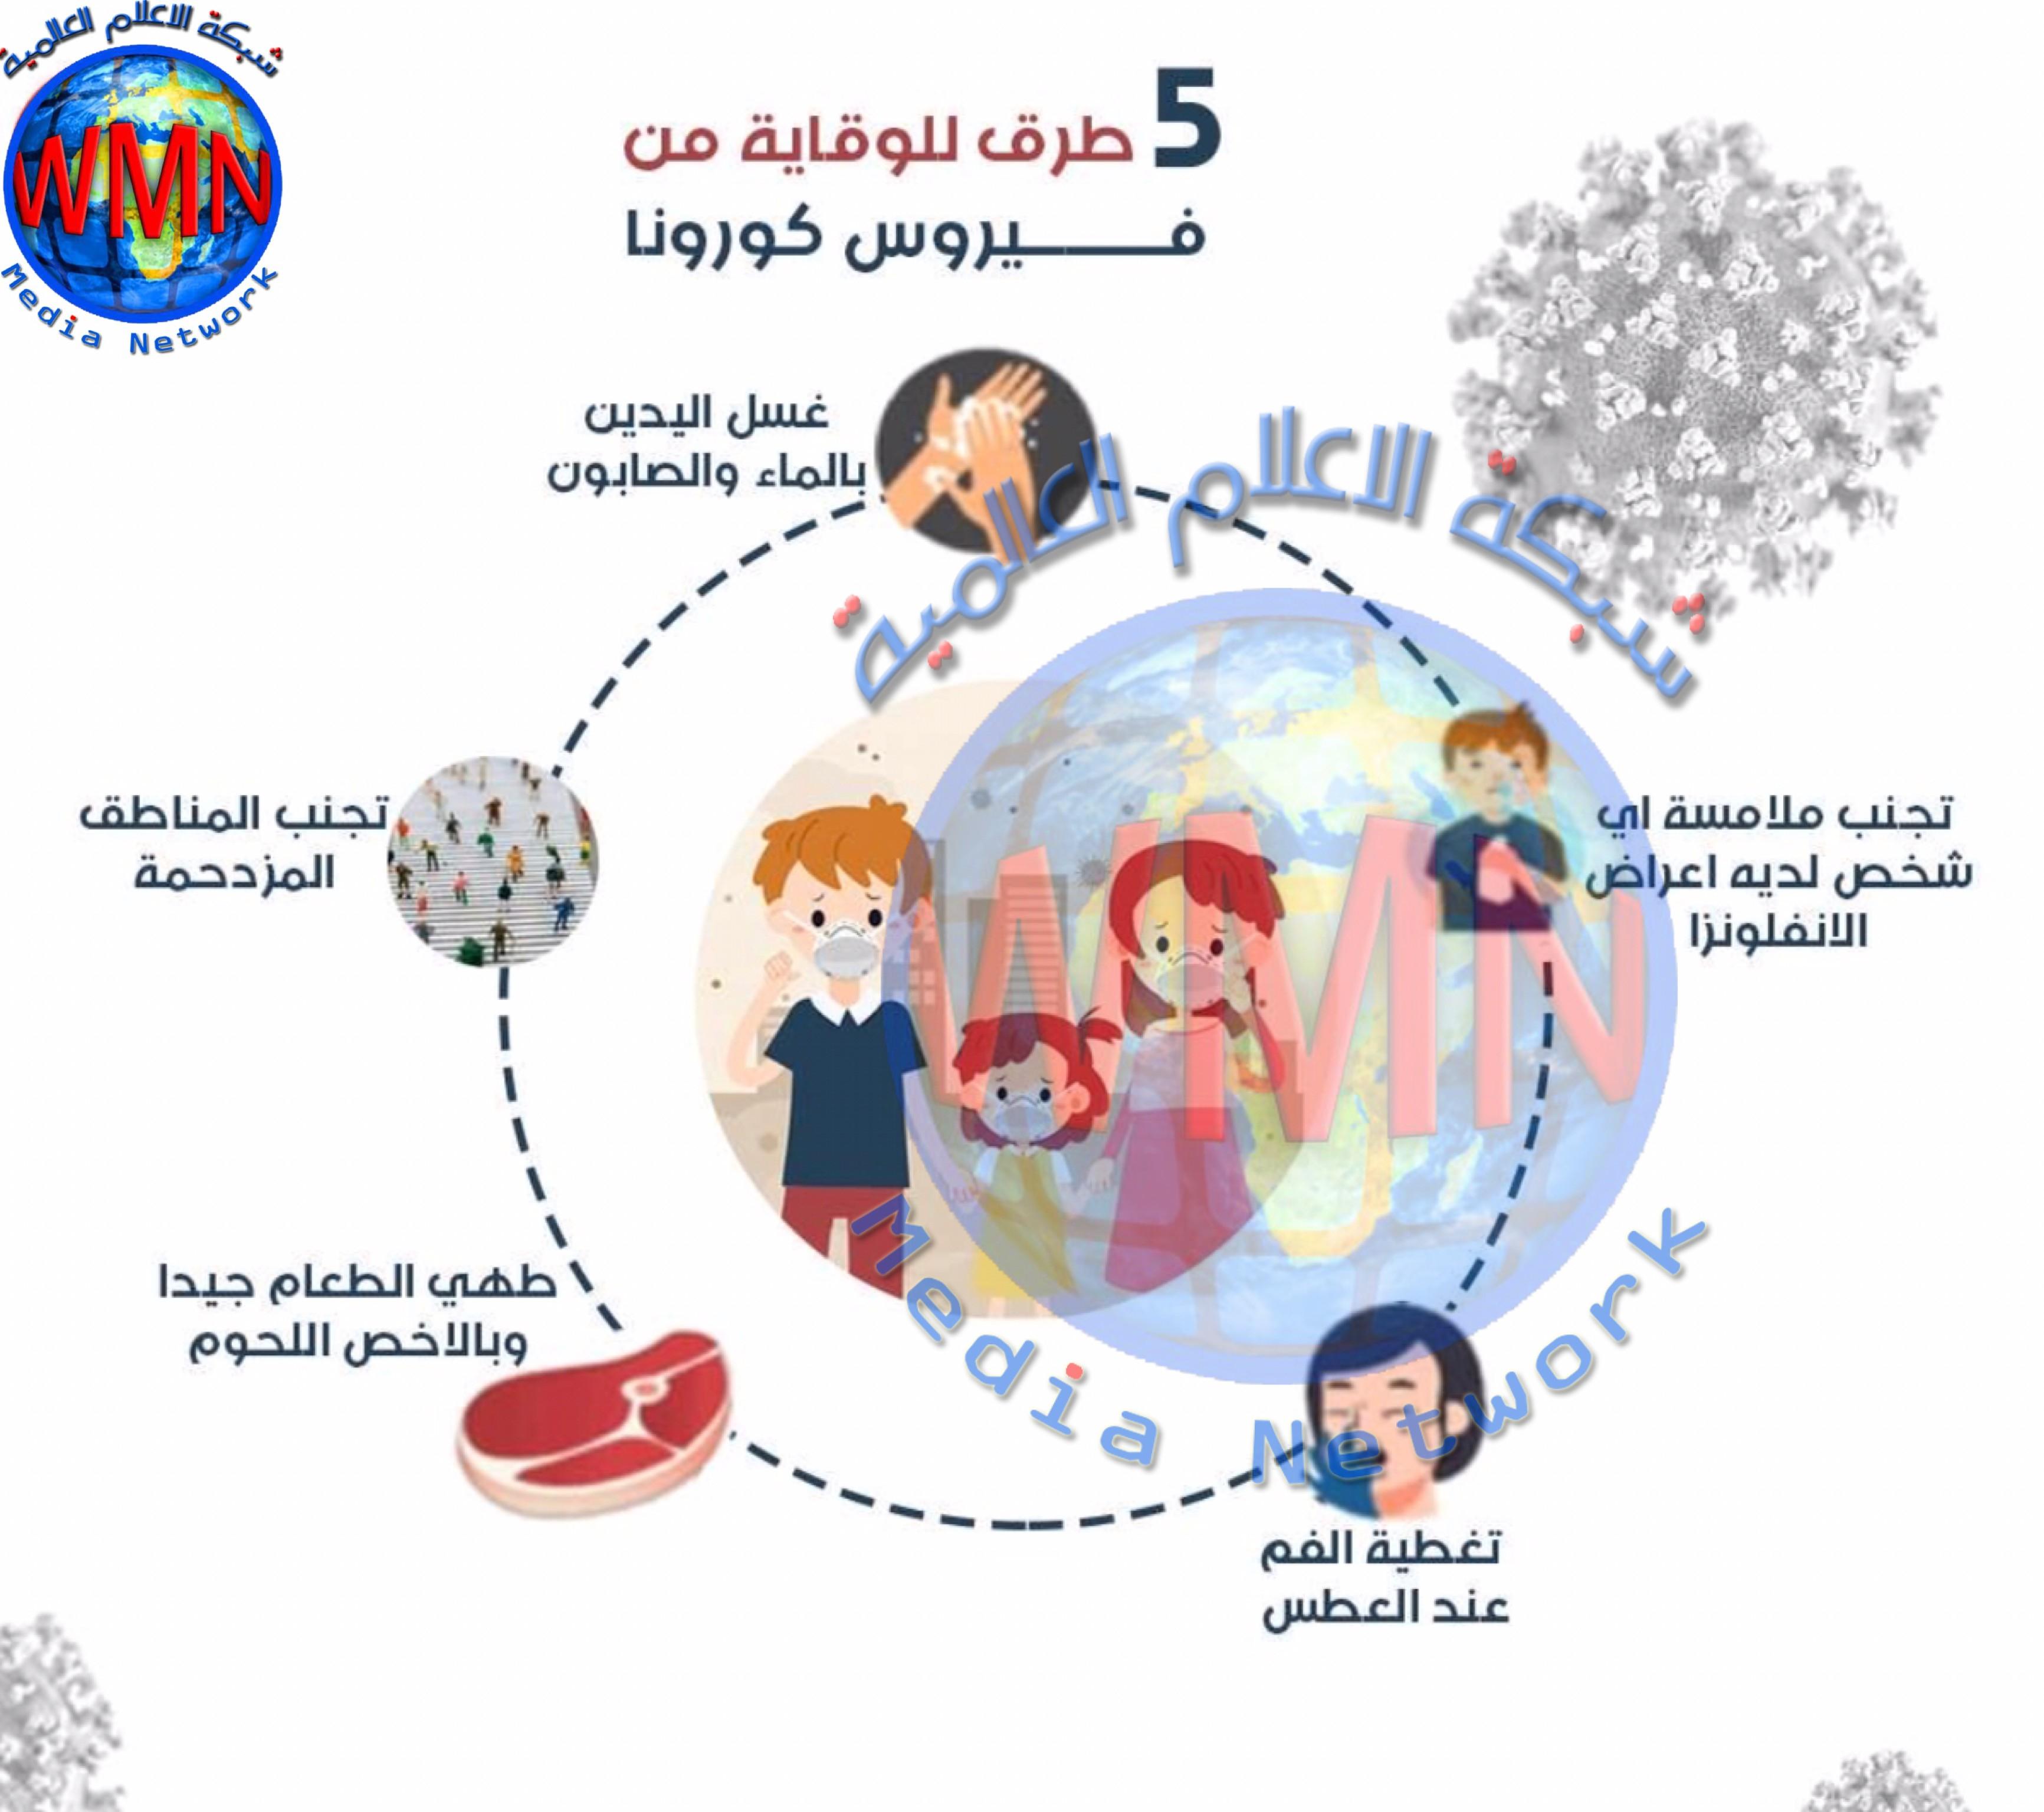 انفوغراف: 5 طرق للوقاية من فيروس كورونا